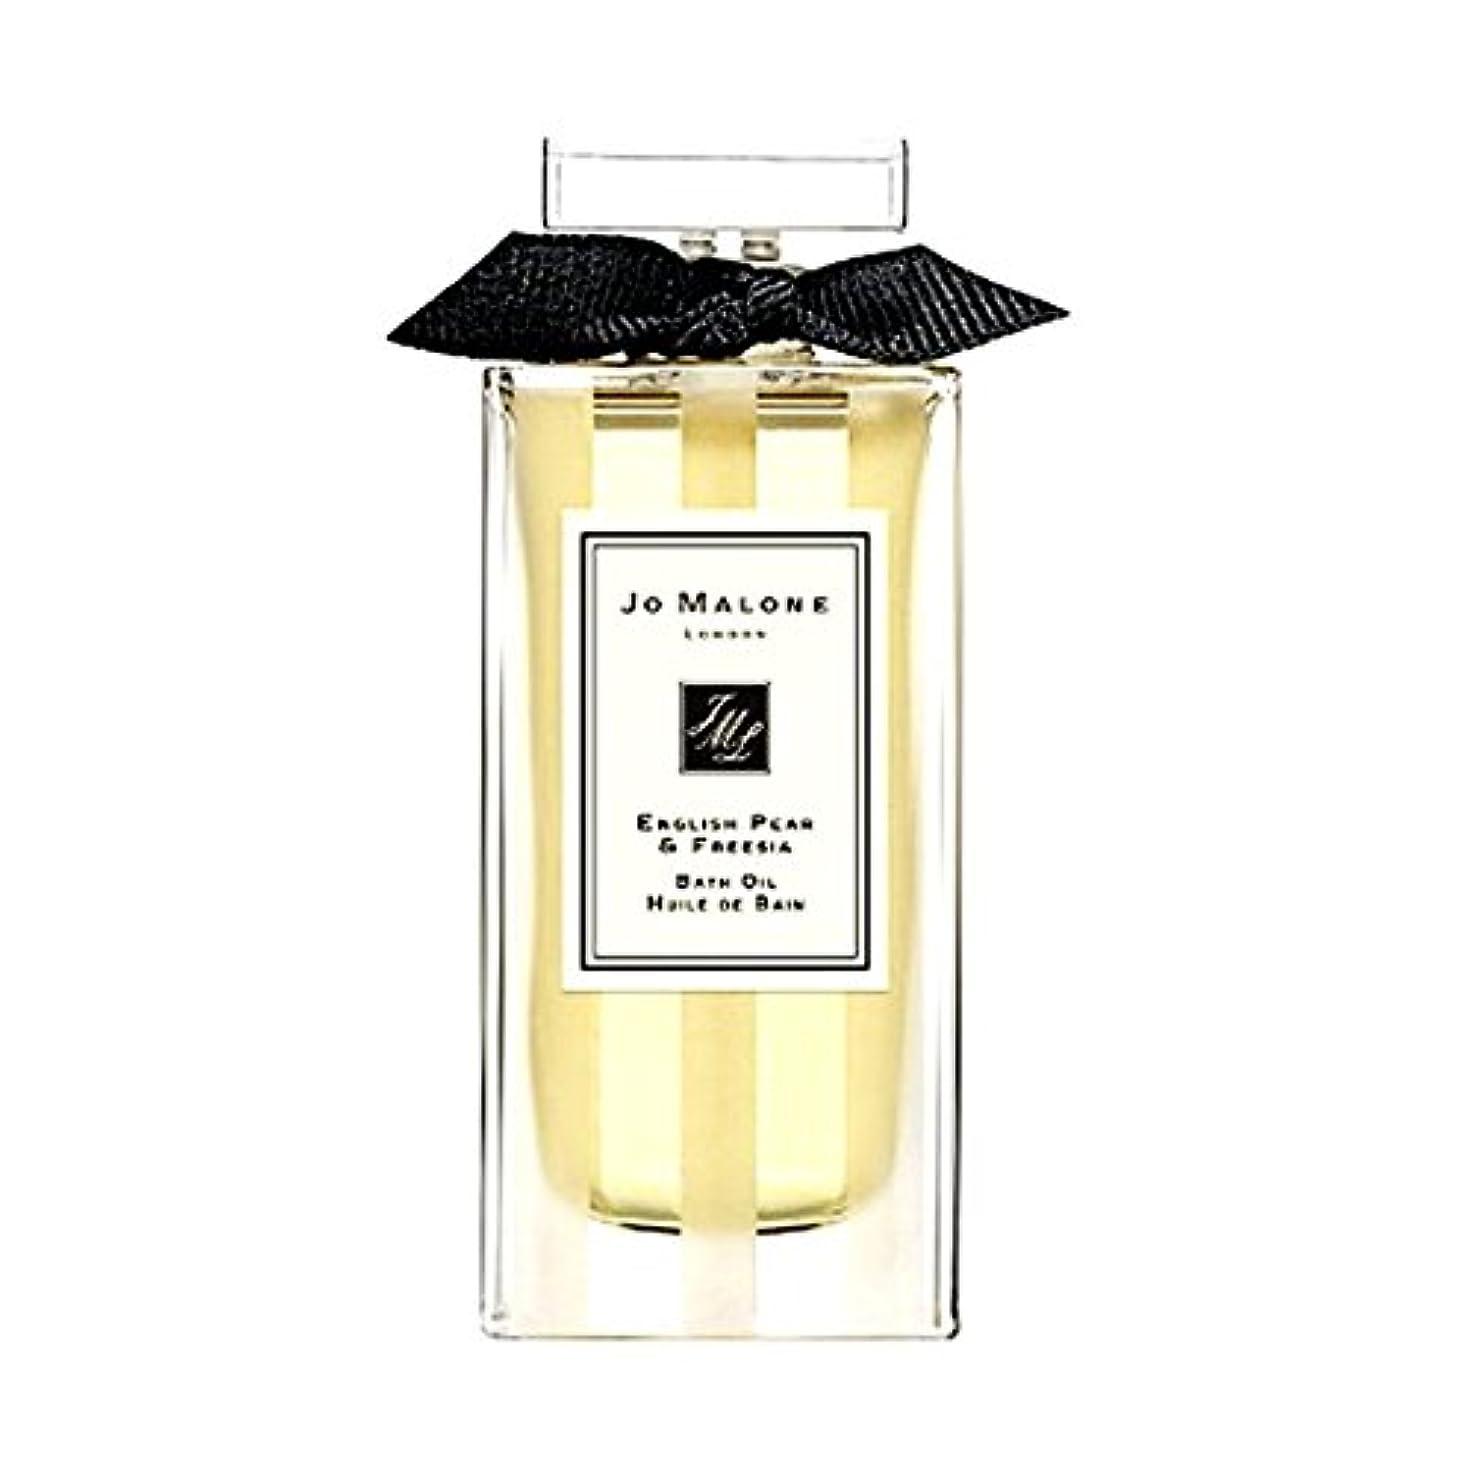 直径悲惨浪費Jo Maloneジョーマローン, バスオイル -英語梨&フリージア (30ml),' English Pear & Freesia' Bath Oil (1oz) [海外直送品] [並行輸入品]